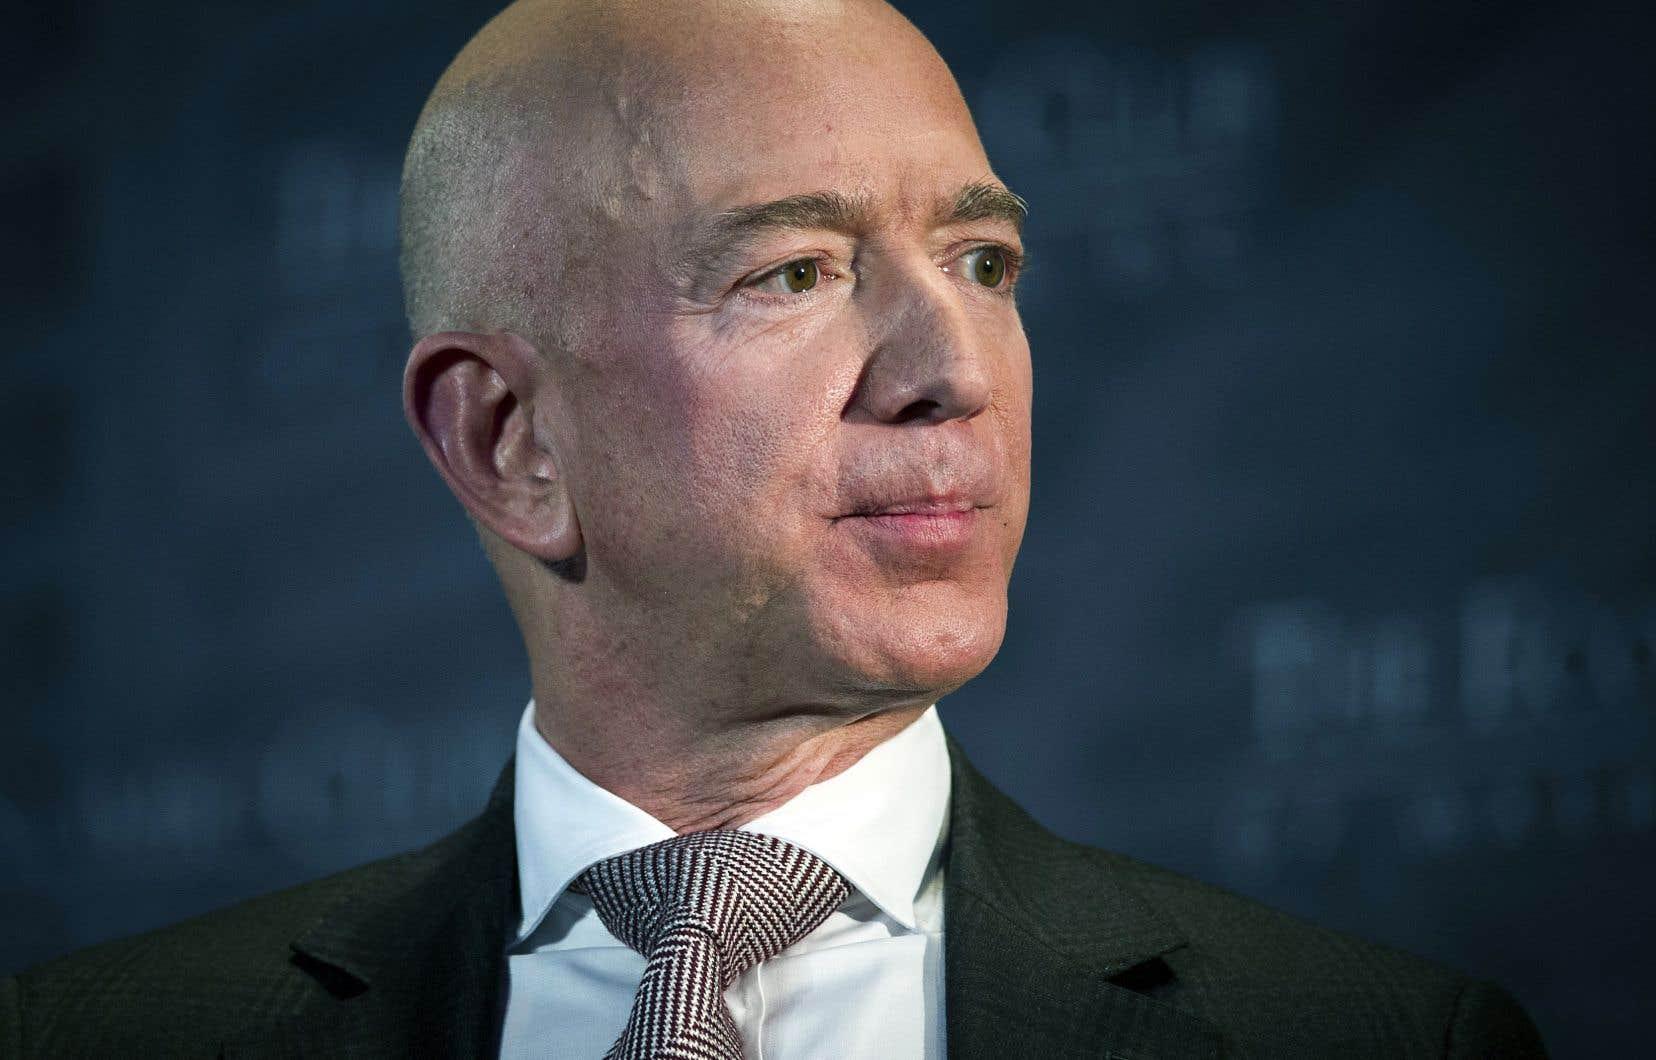 La fortune de Jeff Bezos, le patron d'Amazon, a encore augmenté de 19milliards de dollars depuis un an, pour atteindre 131milliards.